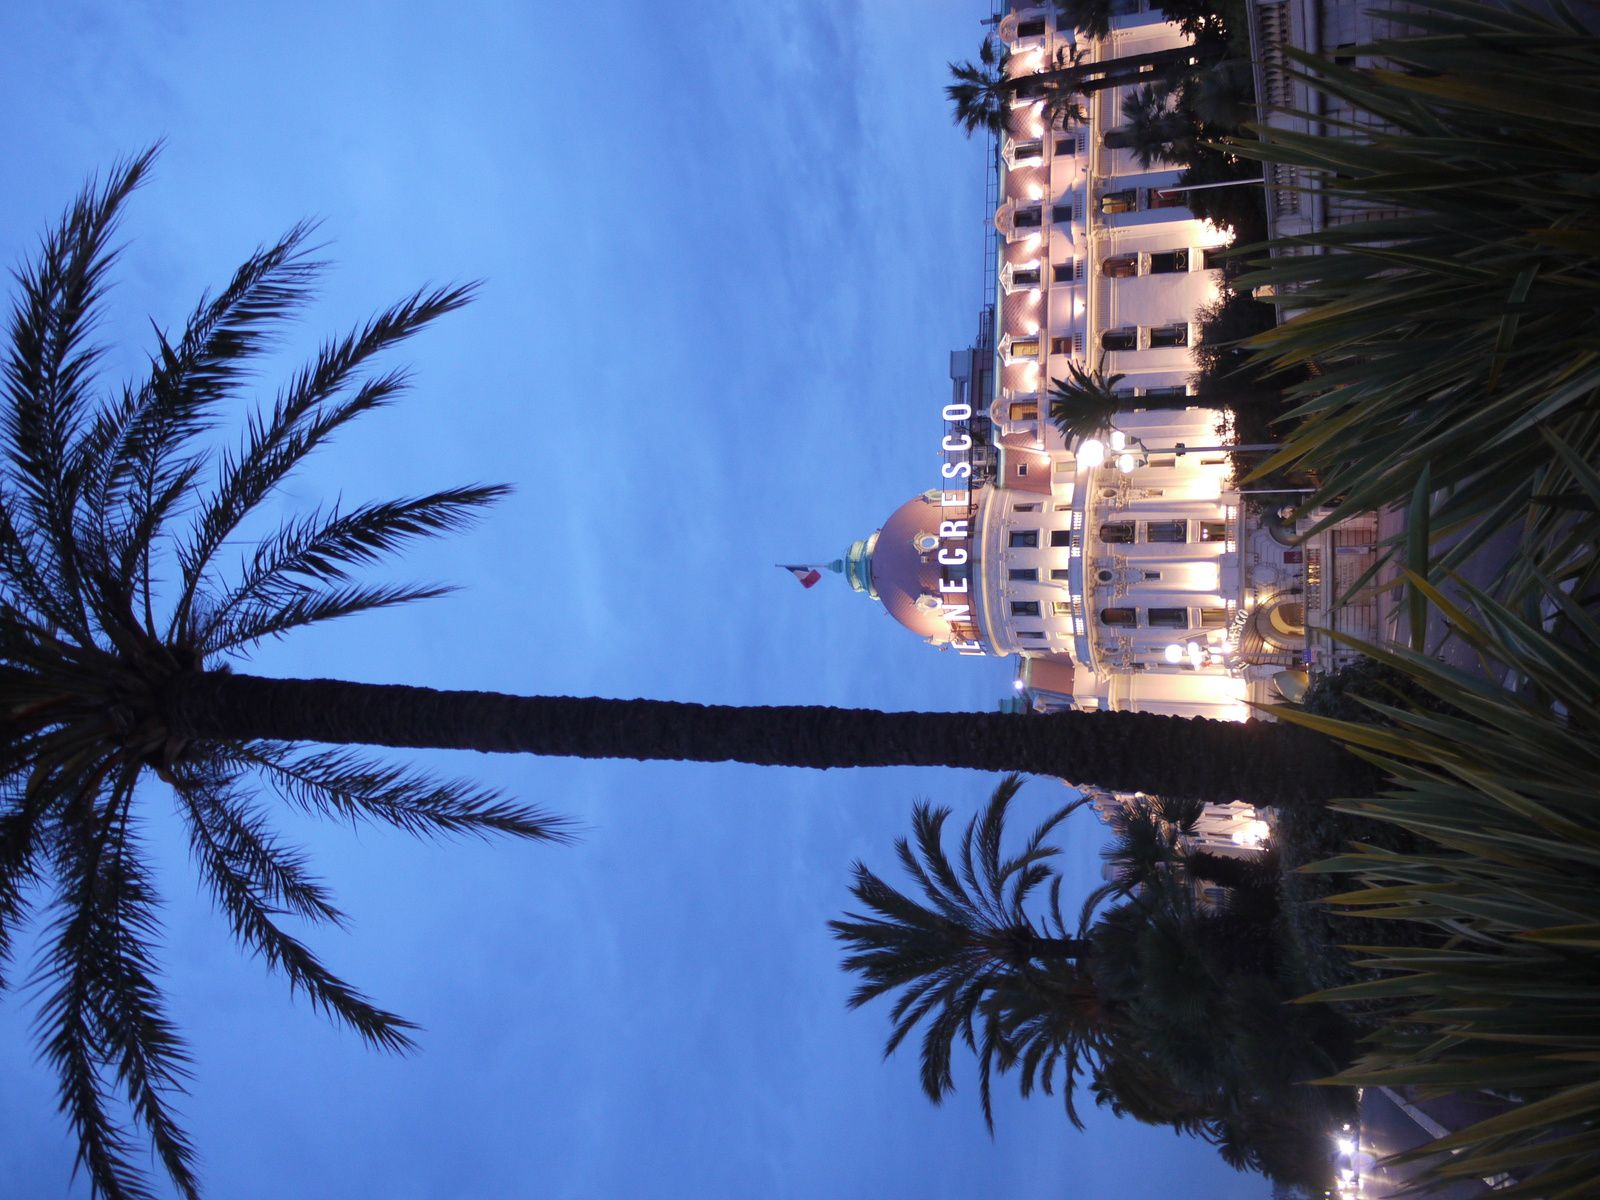 À Nice : une balade printanière fleurie et luxueuse